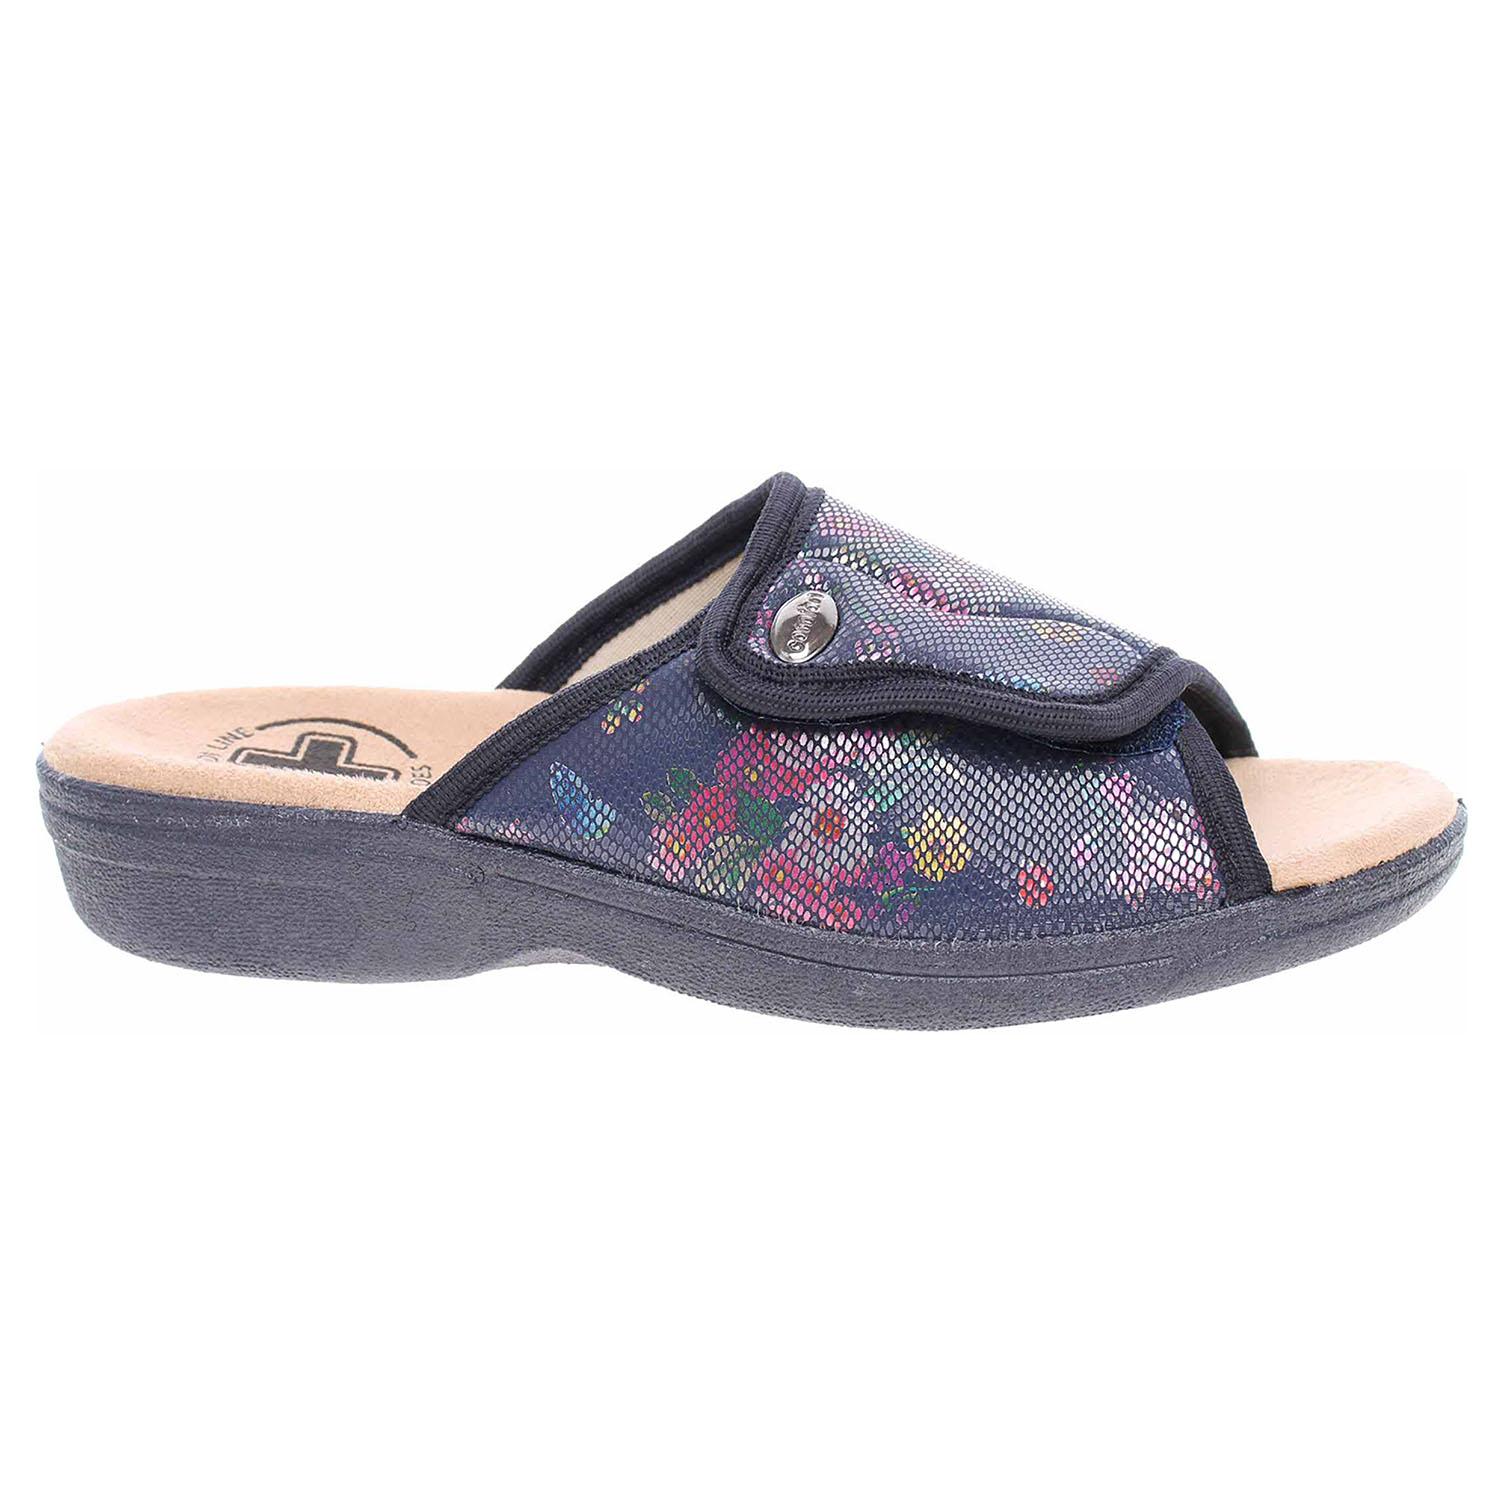 Dámské domácí pantofle Medi Line 1418 blue 1418 blue 38